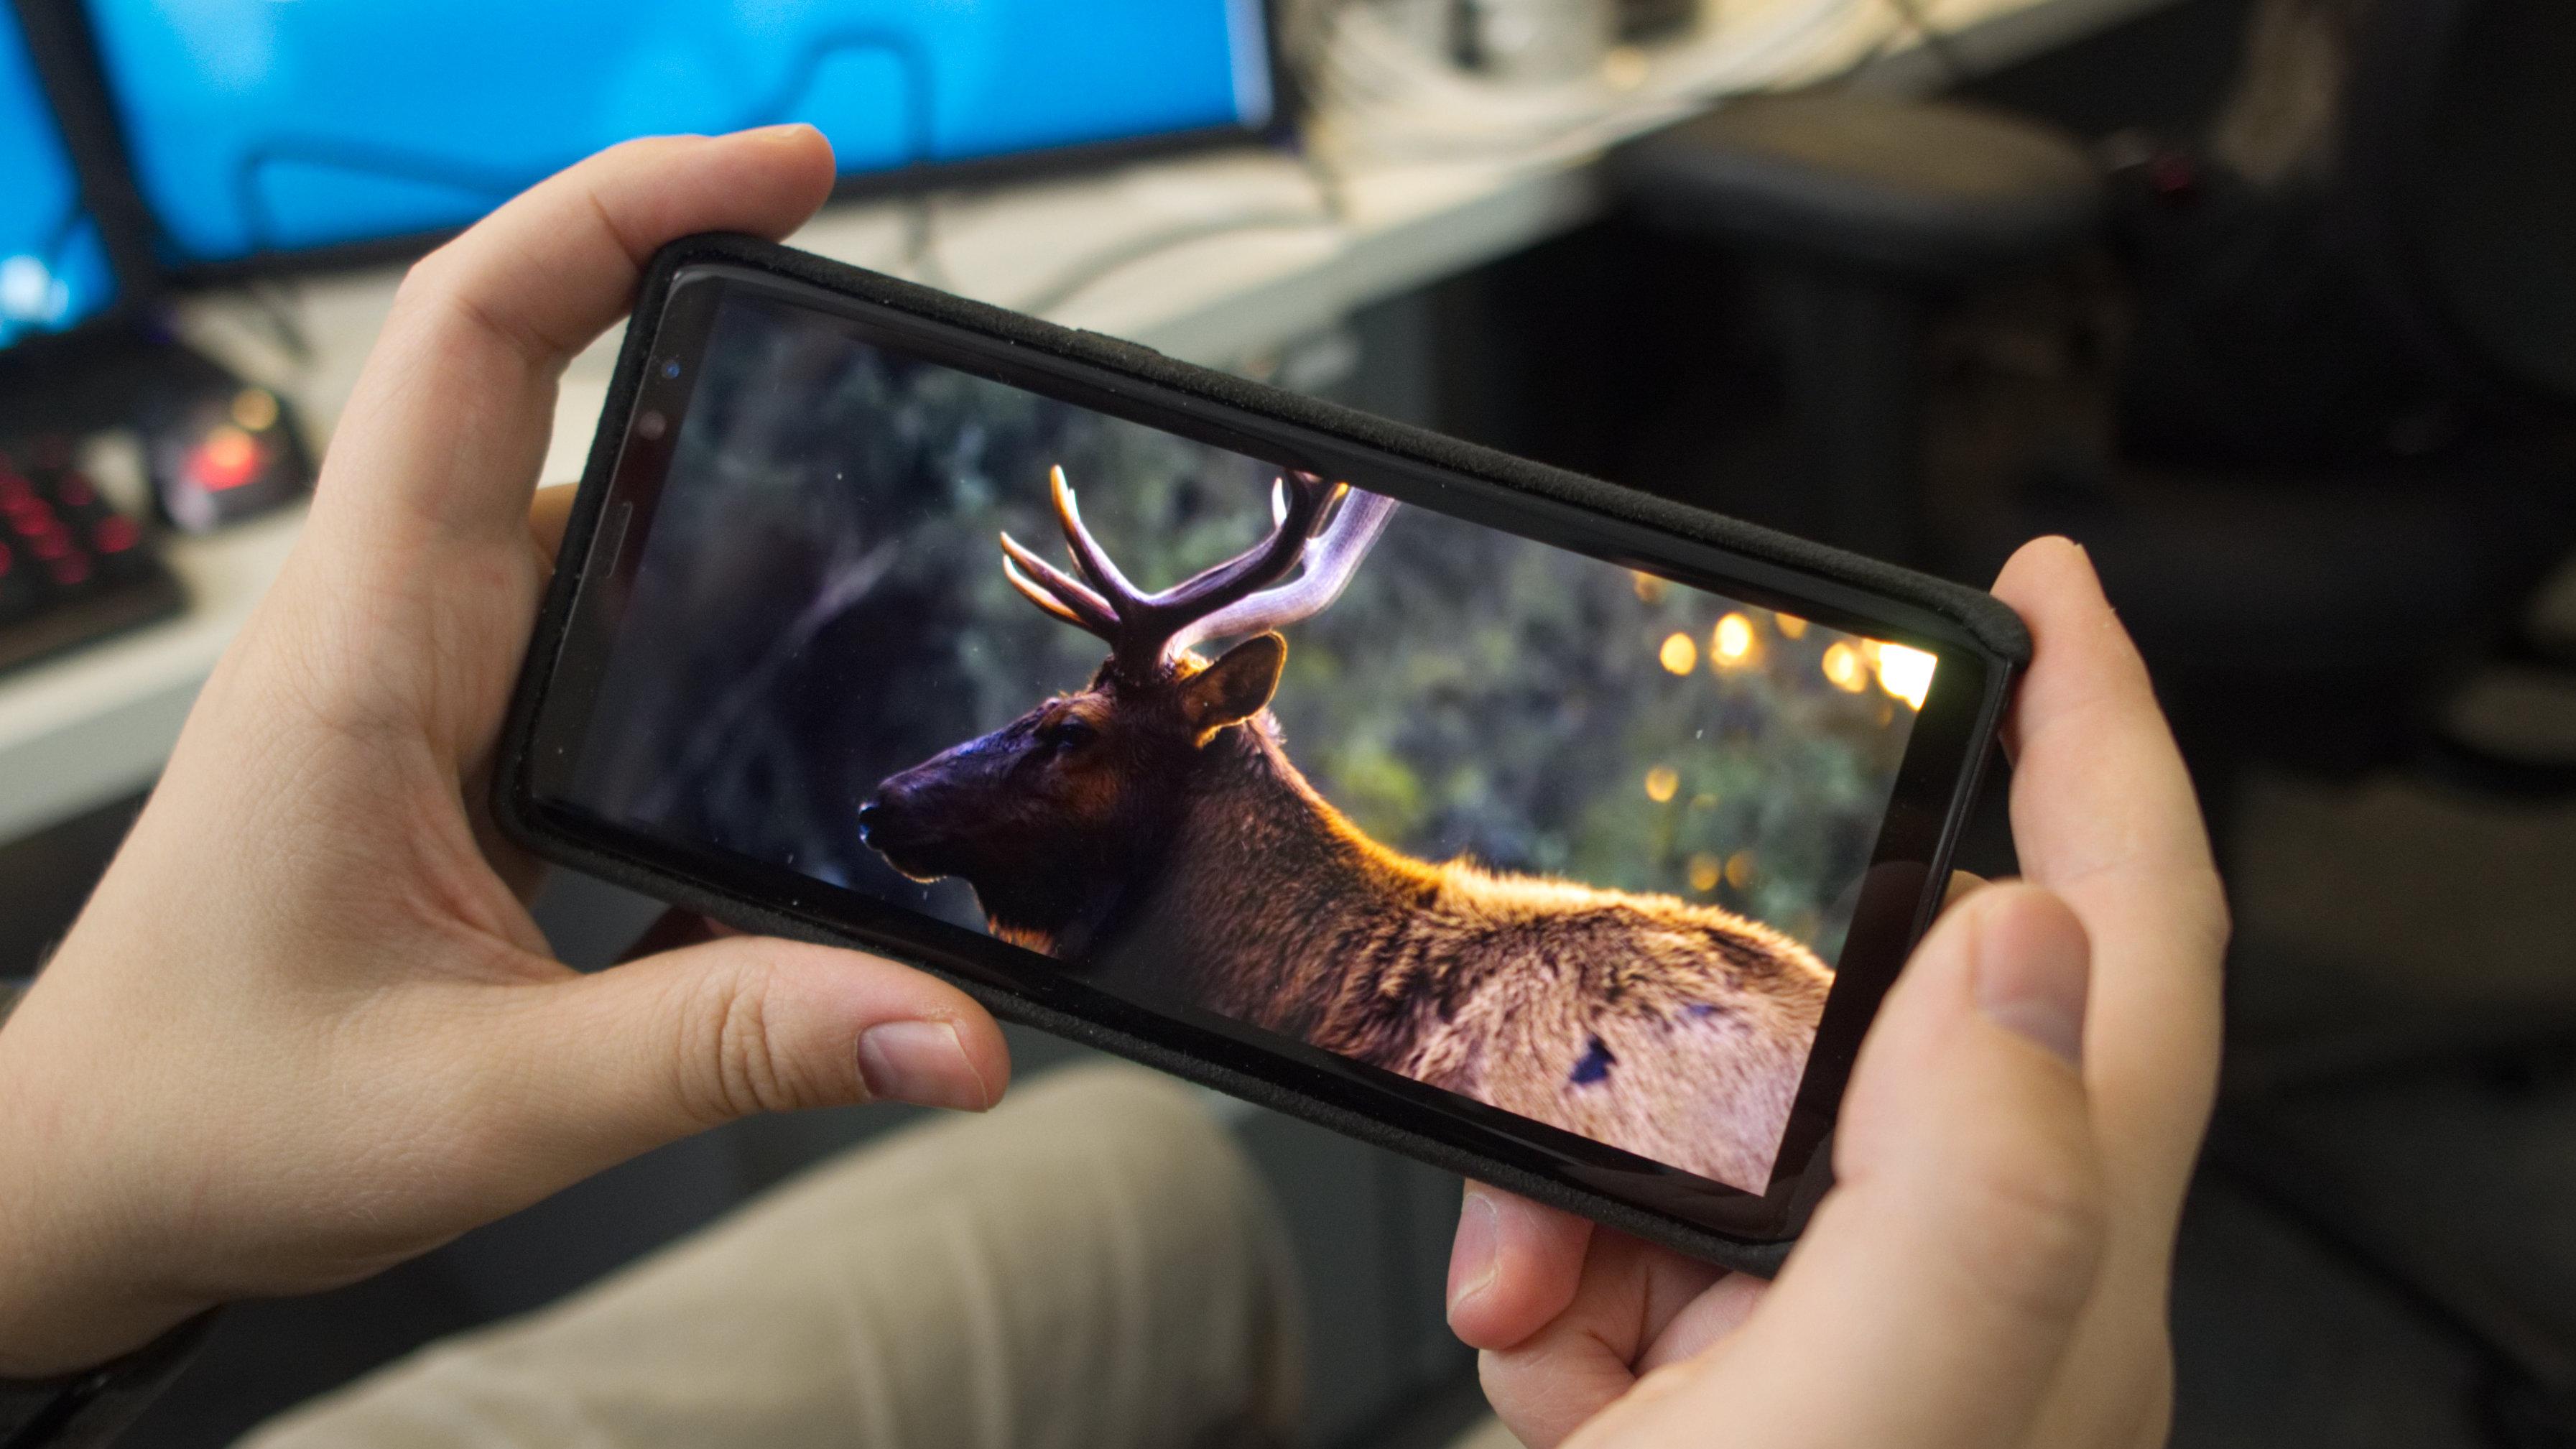 Fecha de lanzamiento de Samsung Galaxy Note 9, precio, noticias y fugas